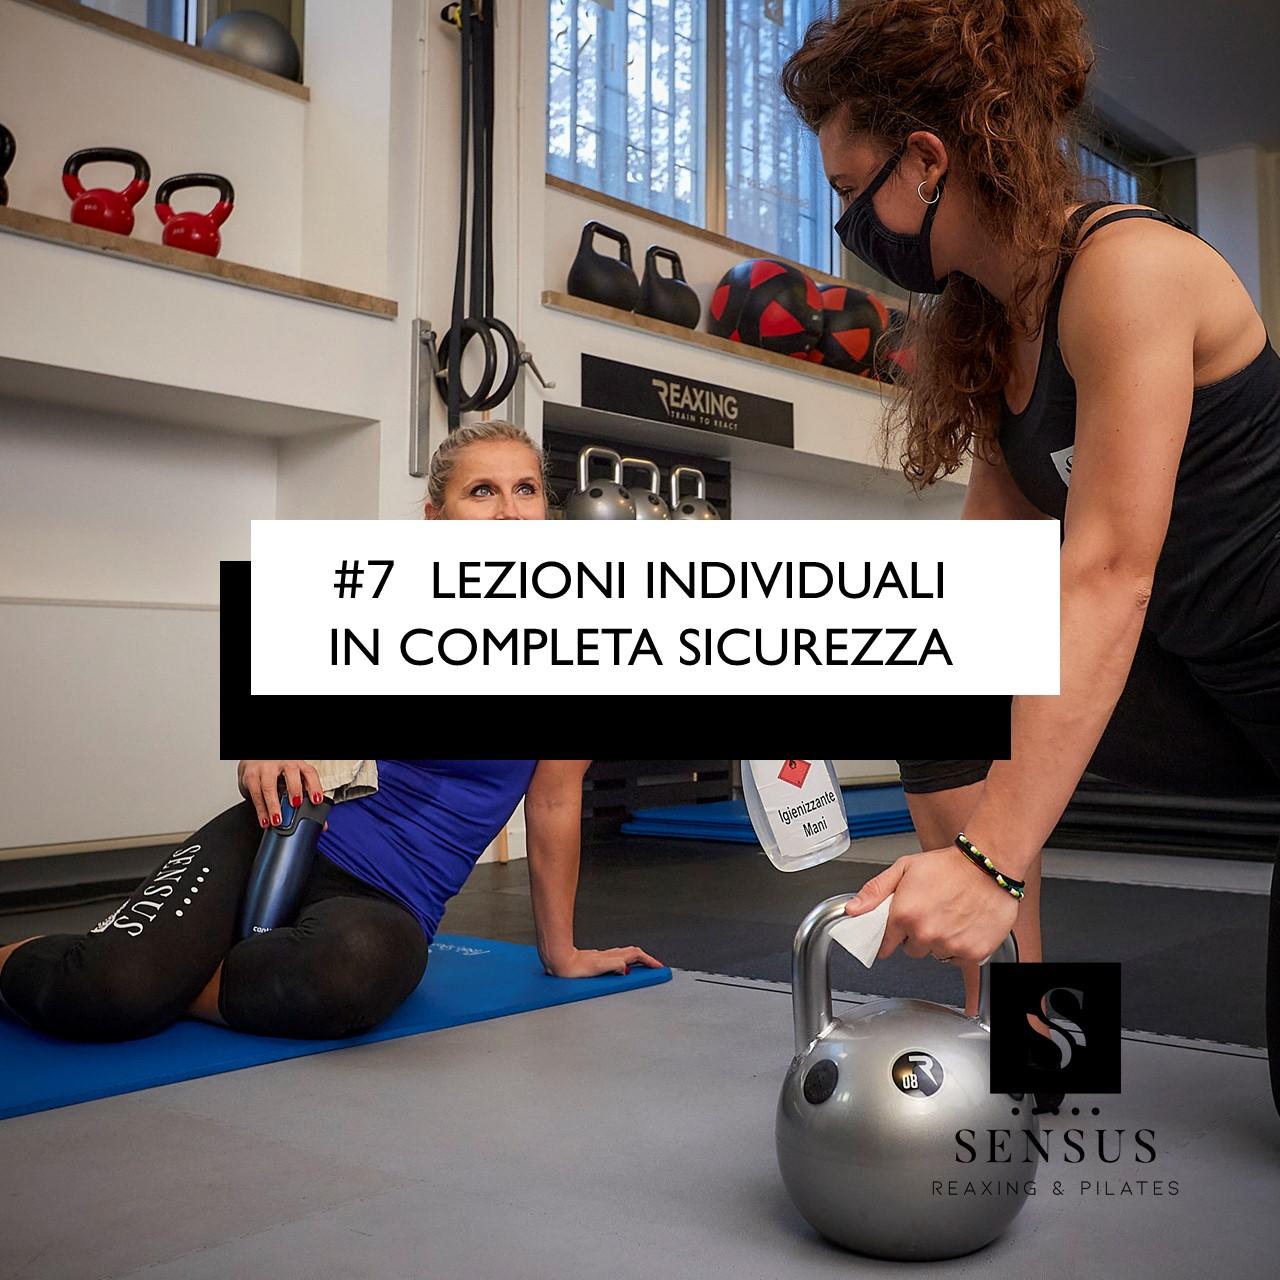 #7 LEZIONI INDIVIDUALI IN COMPLETA SICUREZZA